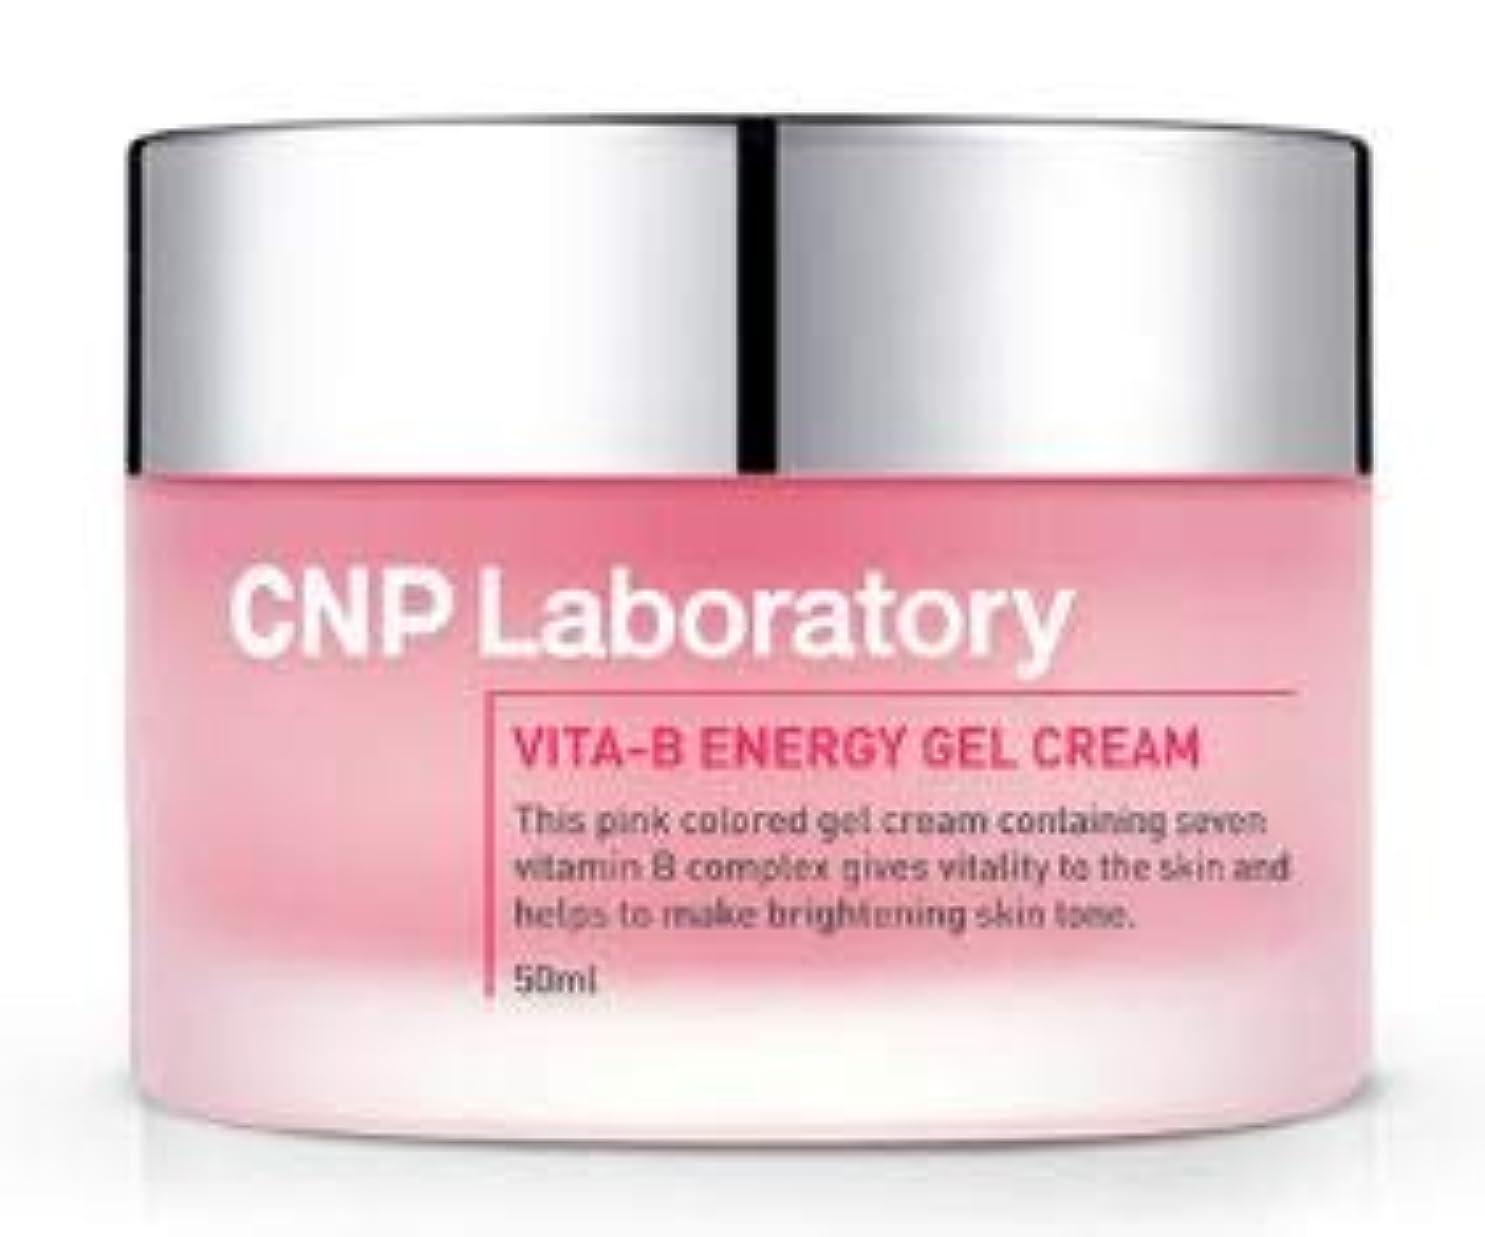 意味前兆間違いなく[CHA&PARK(CNP)] Vita-B Energy Gel Cream 50ml /[チャアンドパク(CNP)] ビタ-B エネルギー ジェル クリーム 50ml [並行輸入品]